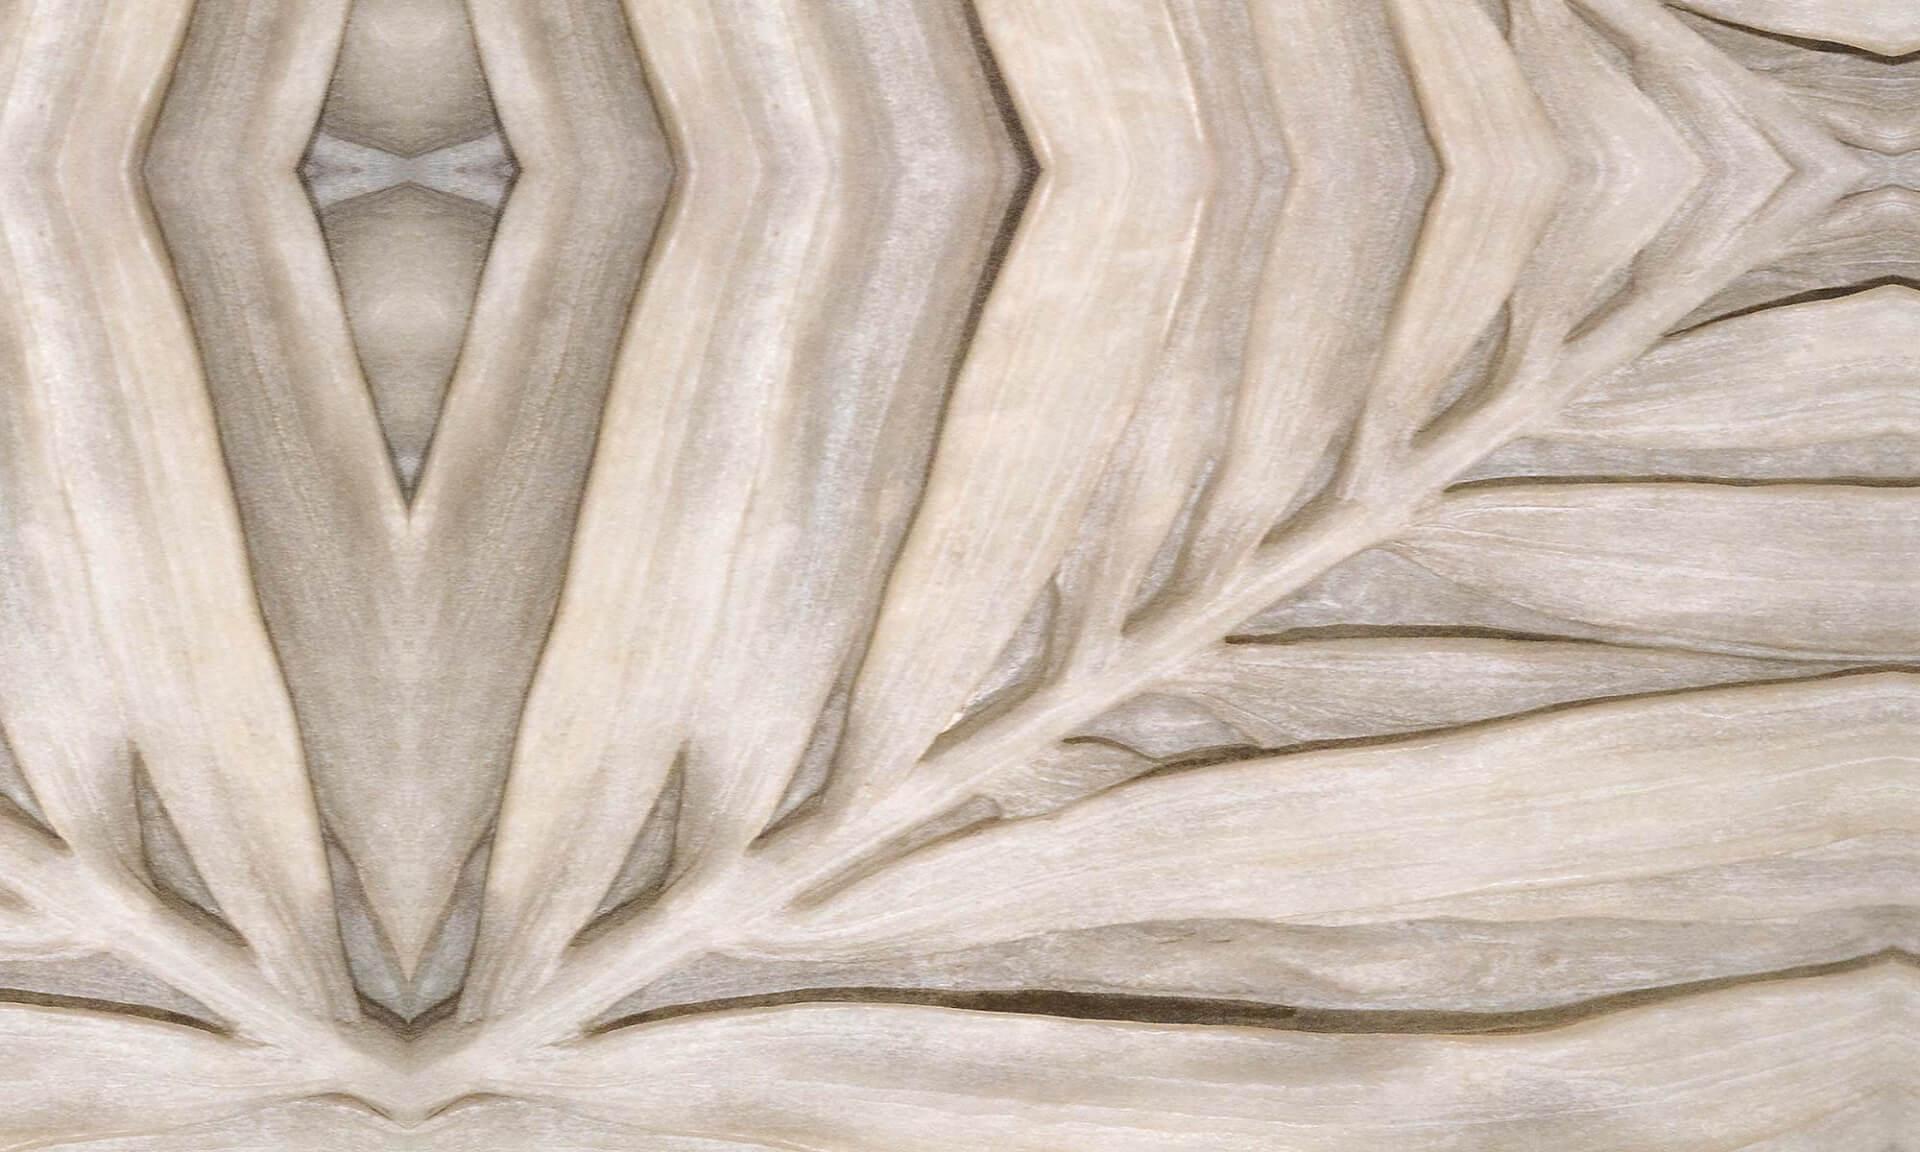 Palm Frond (DE0959)